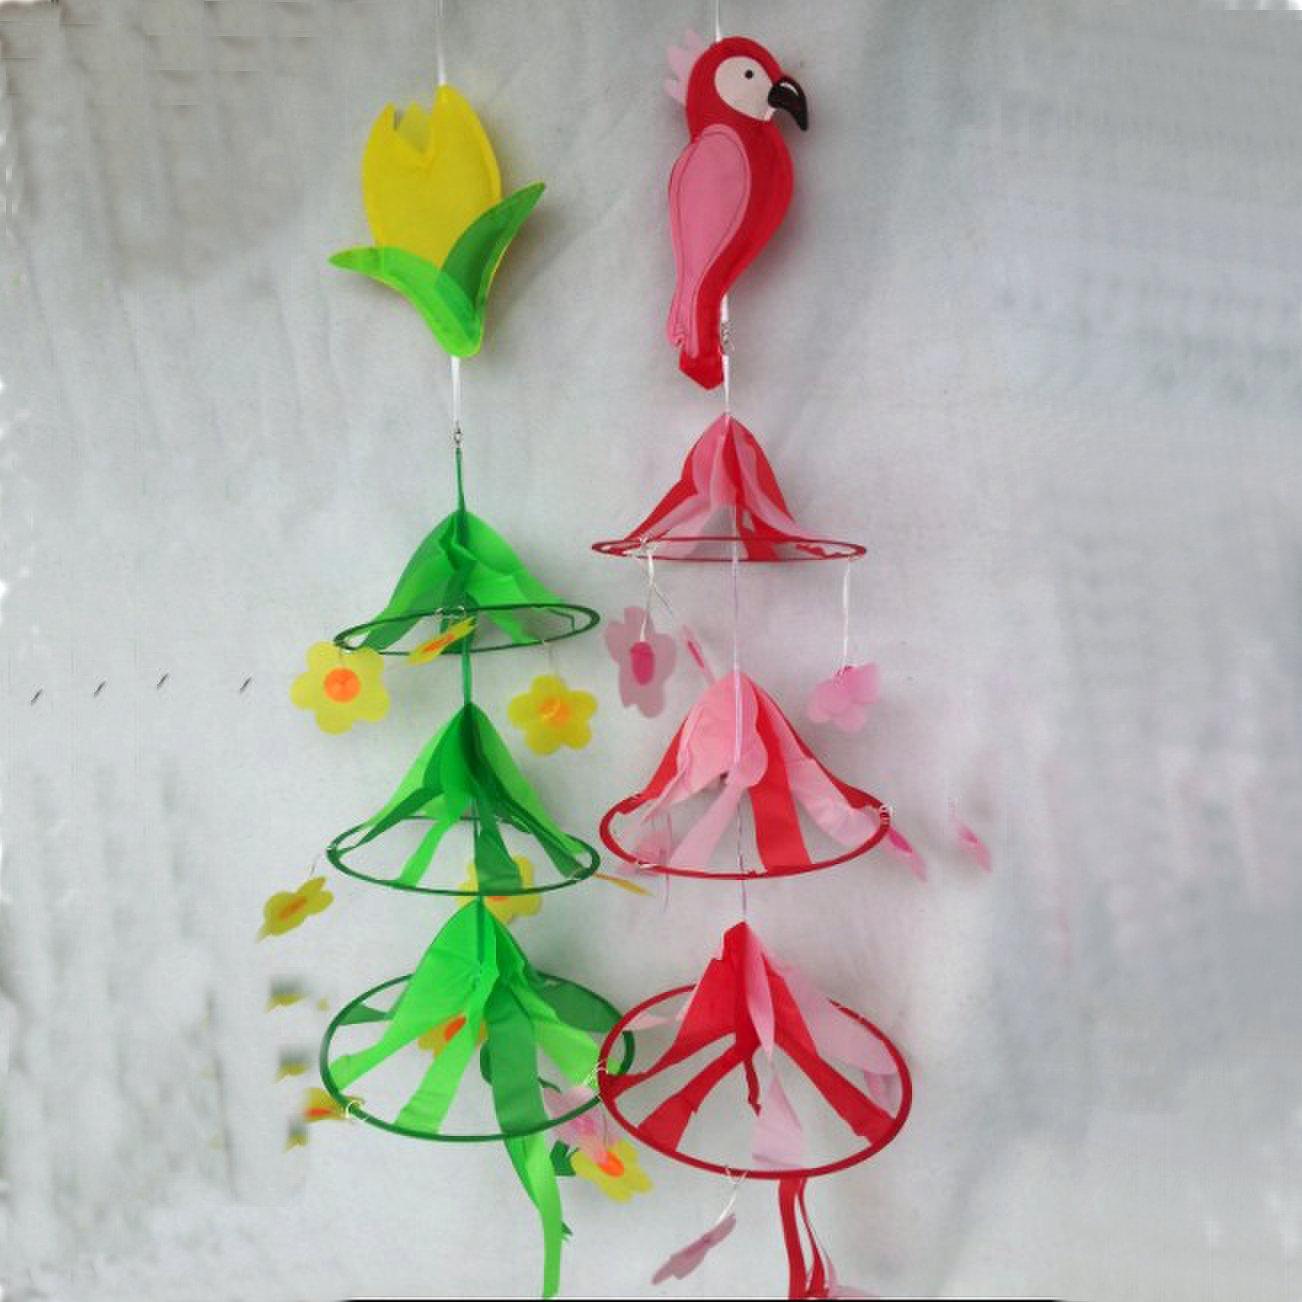 Все для декора Ткань круг кулон подвеска мельница каждой из трех-этажный детский сад украшения висит украшения висит украшения